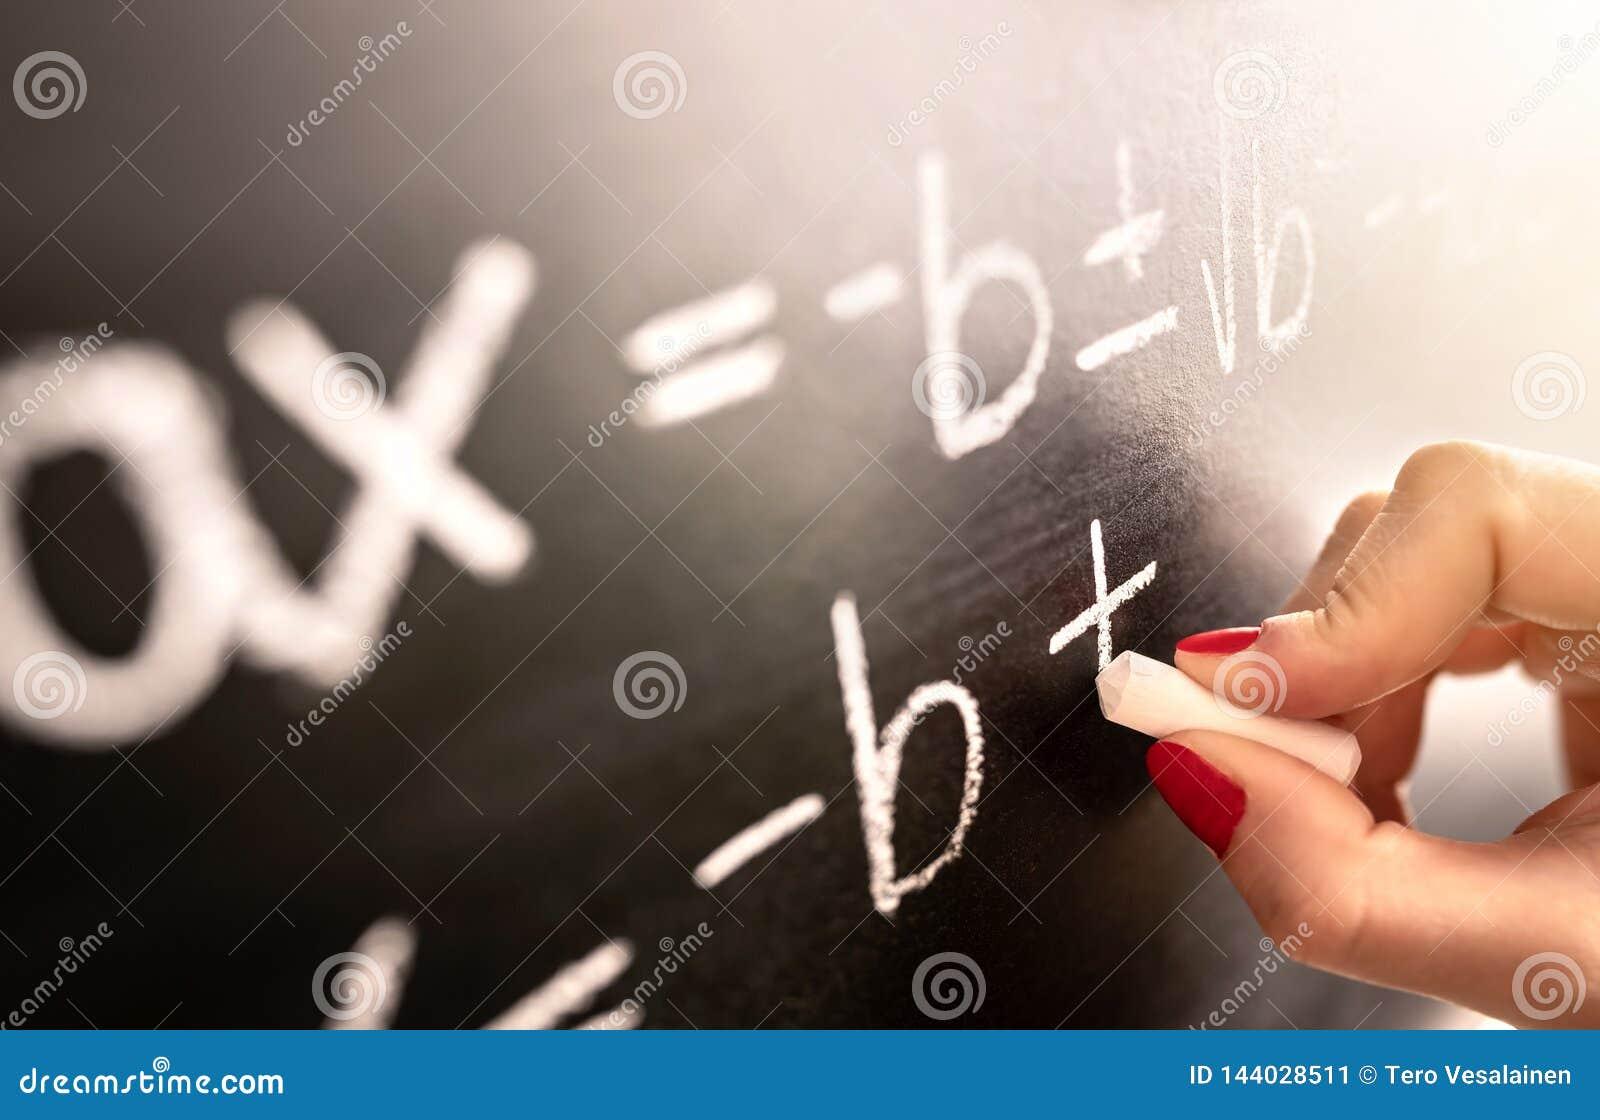 Wiskundeleraar het schrijven functie, vergelijking of berekening op bord in schoolklaslokaal